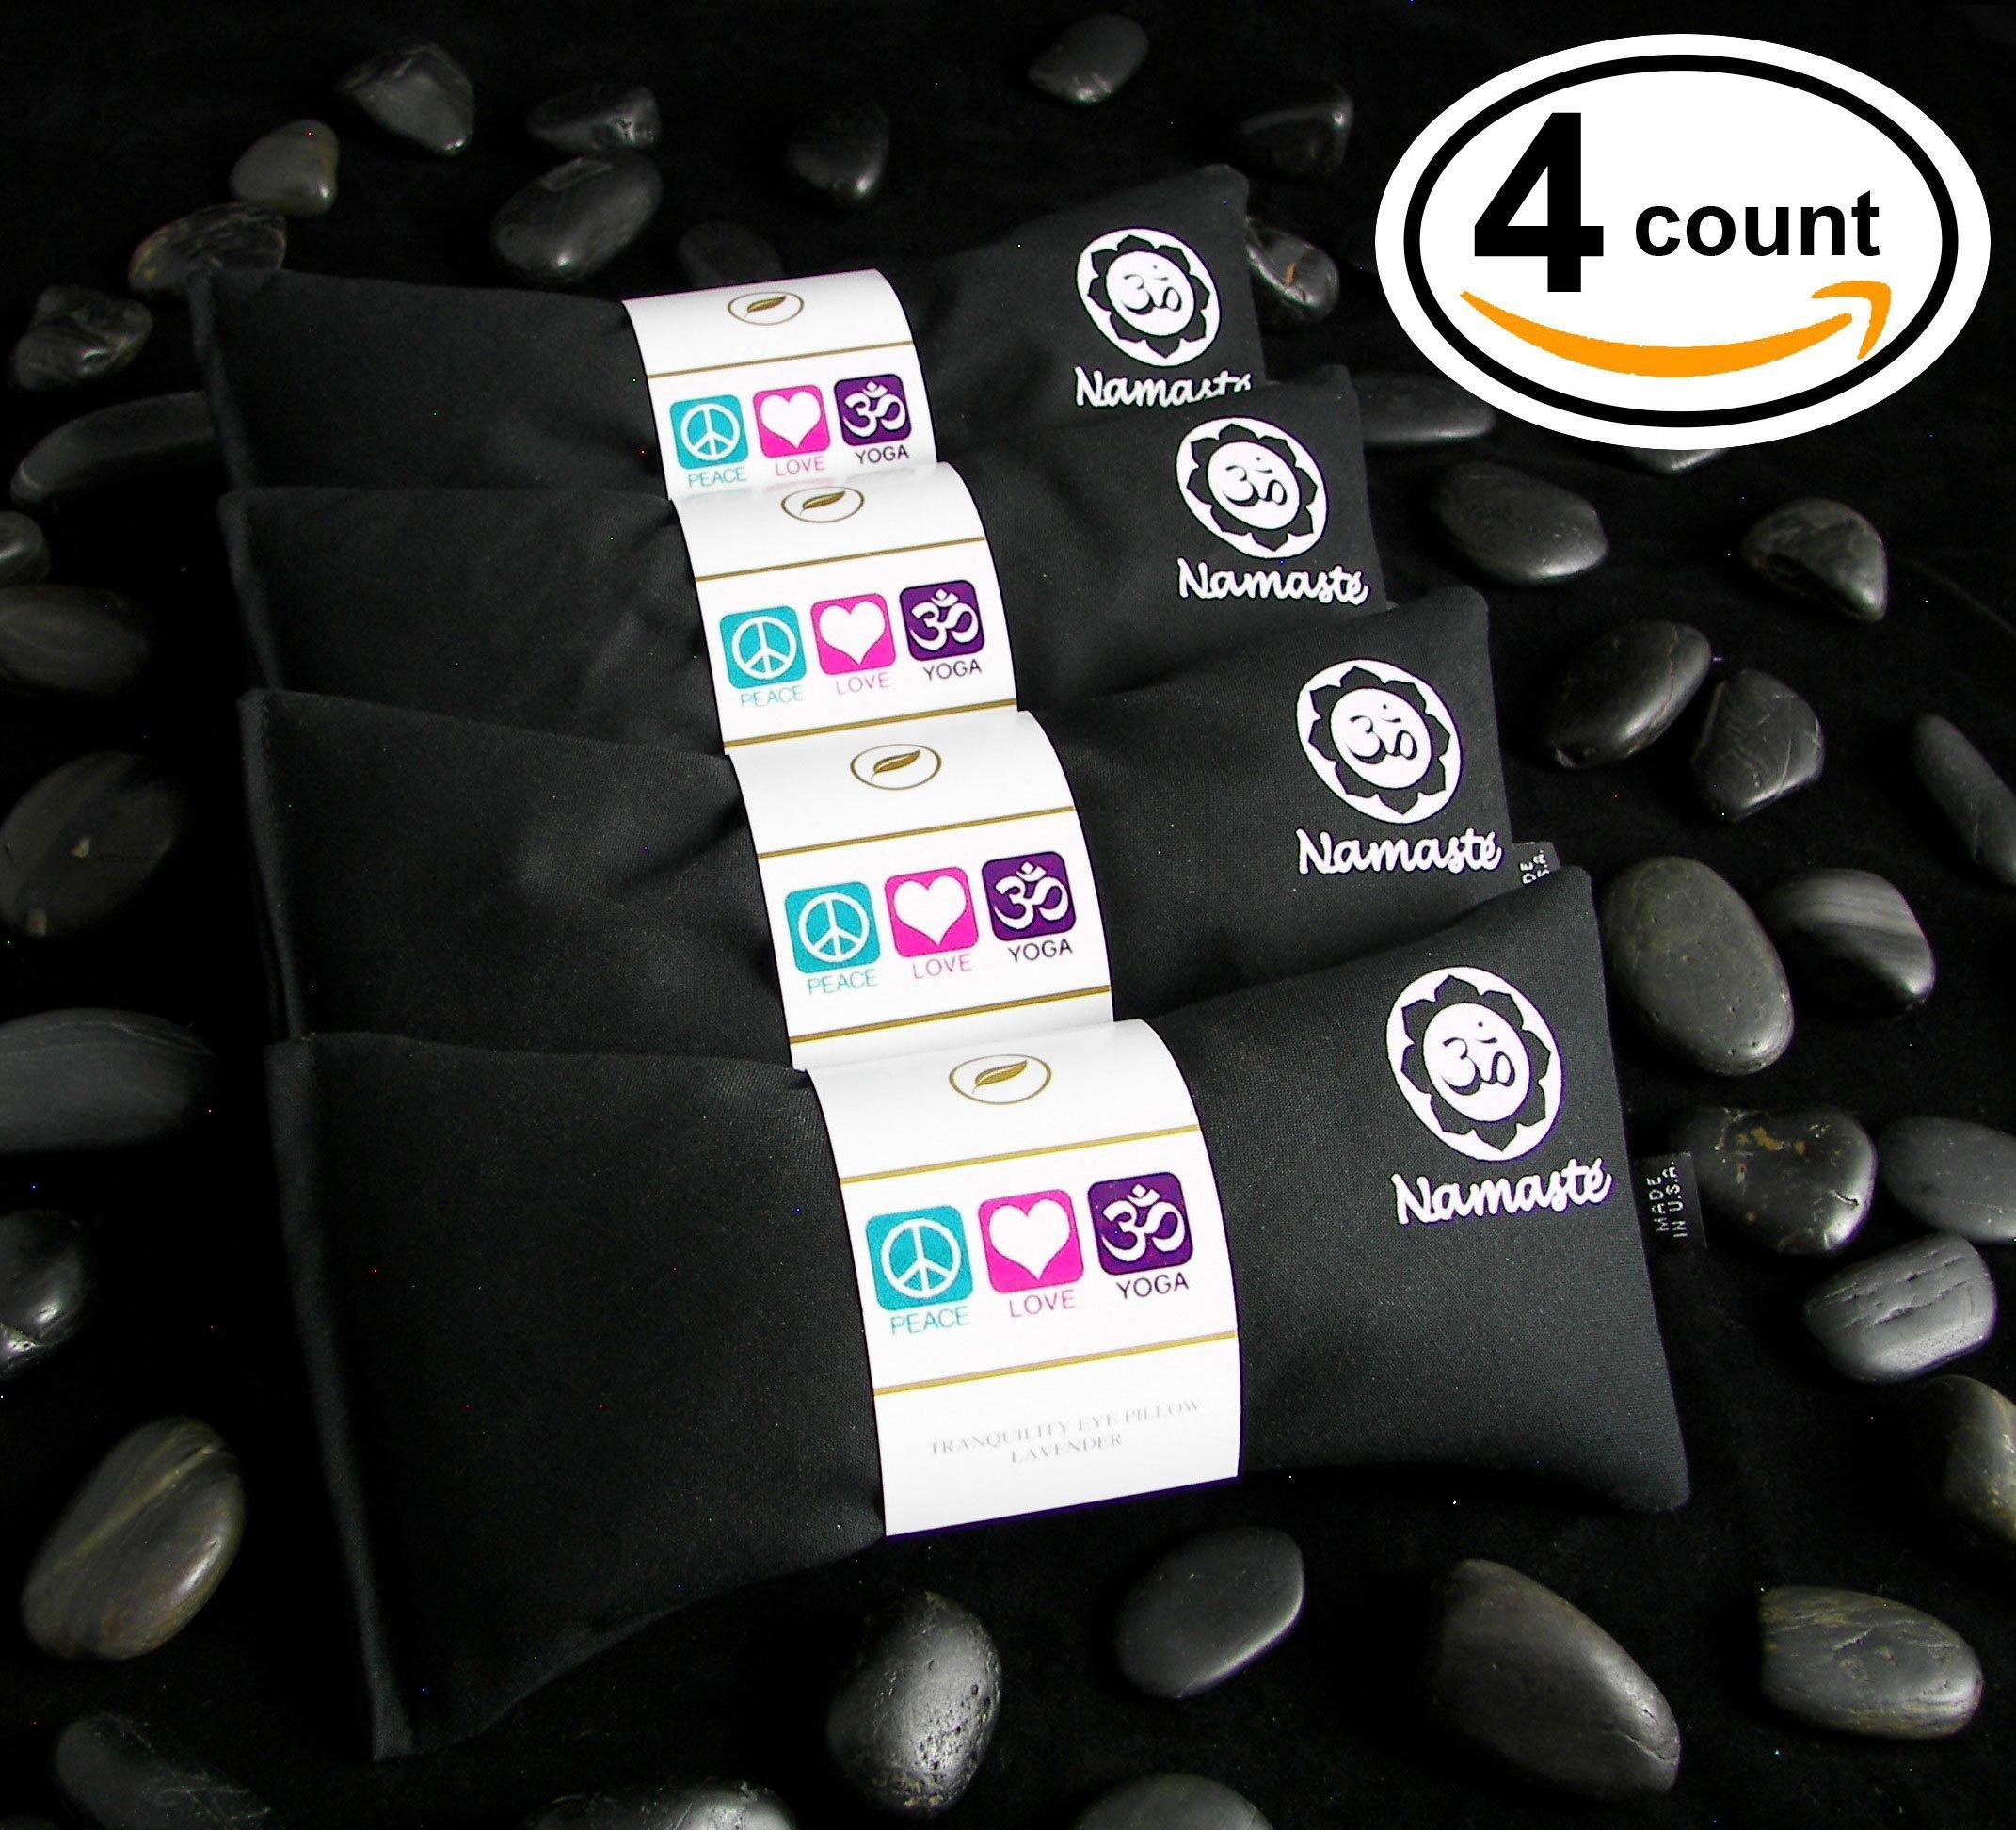 Happy Wraps Namaste Yoga Eye Pillows - Unscented Eye Pillows for Yoga - Set of 4 - Black Cotton by Happy Wraps